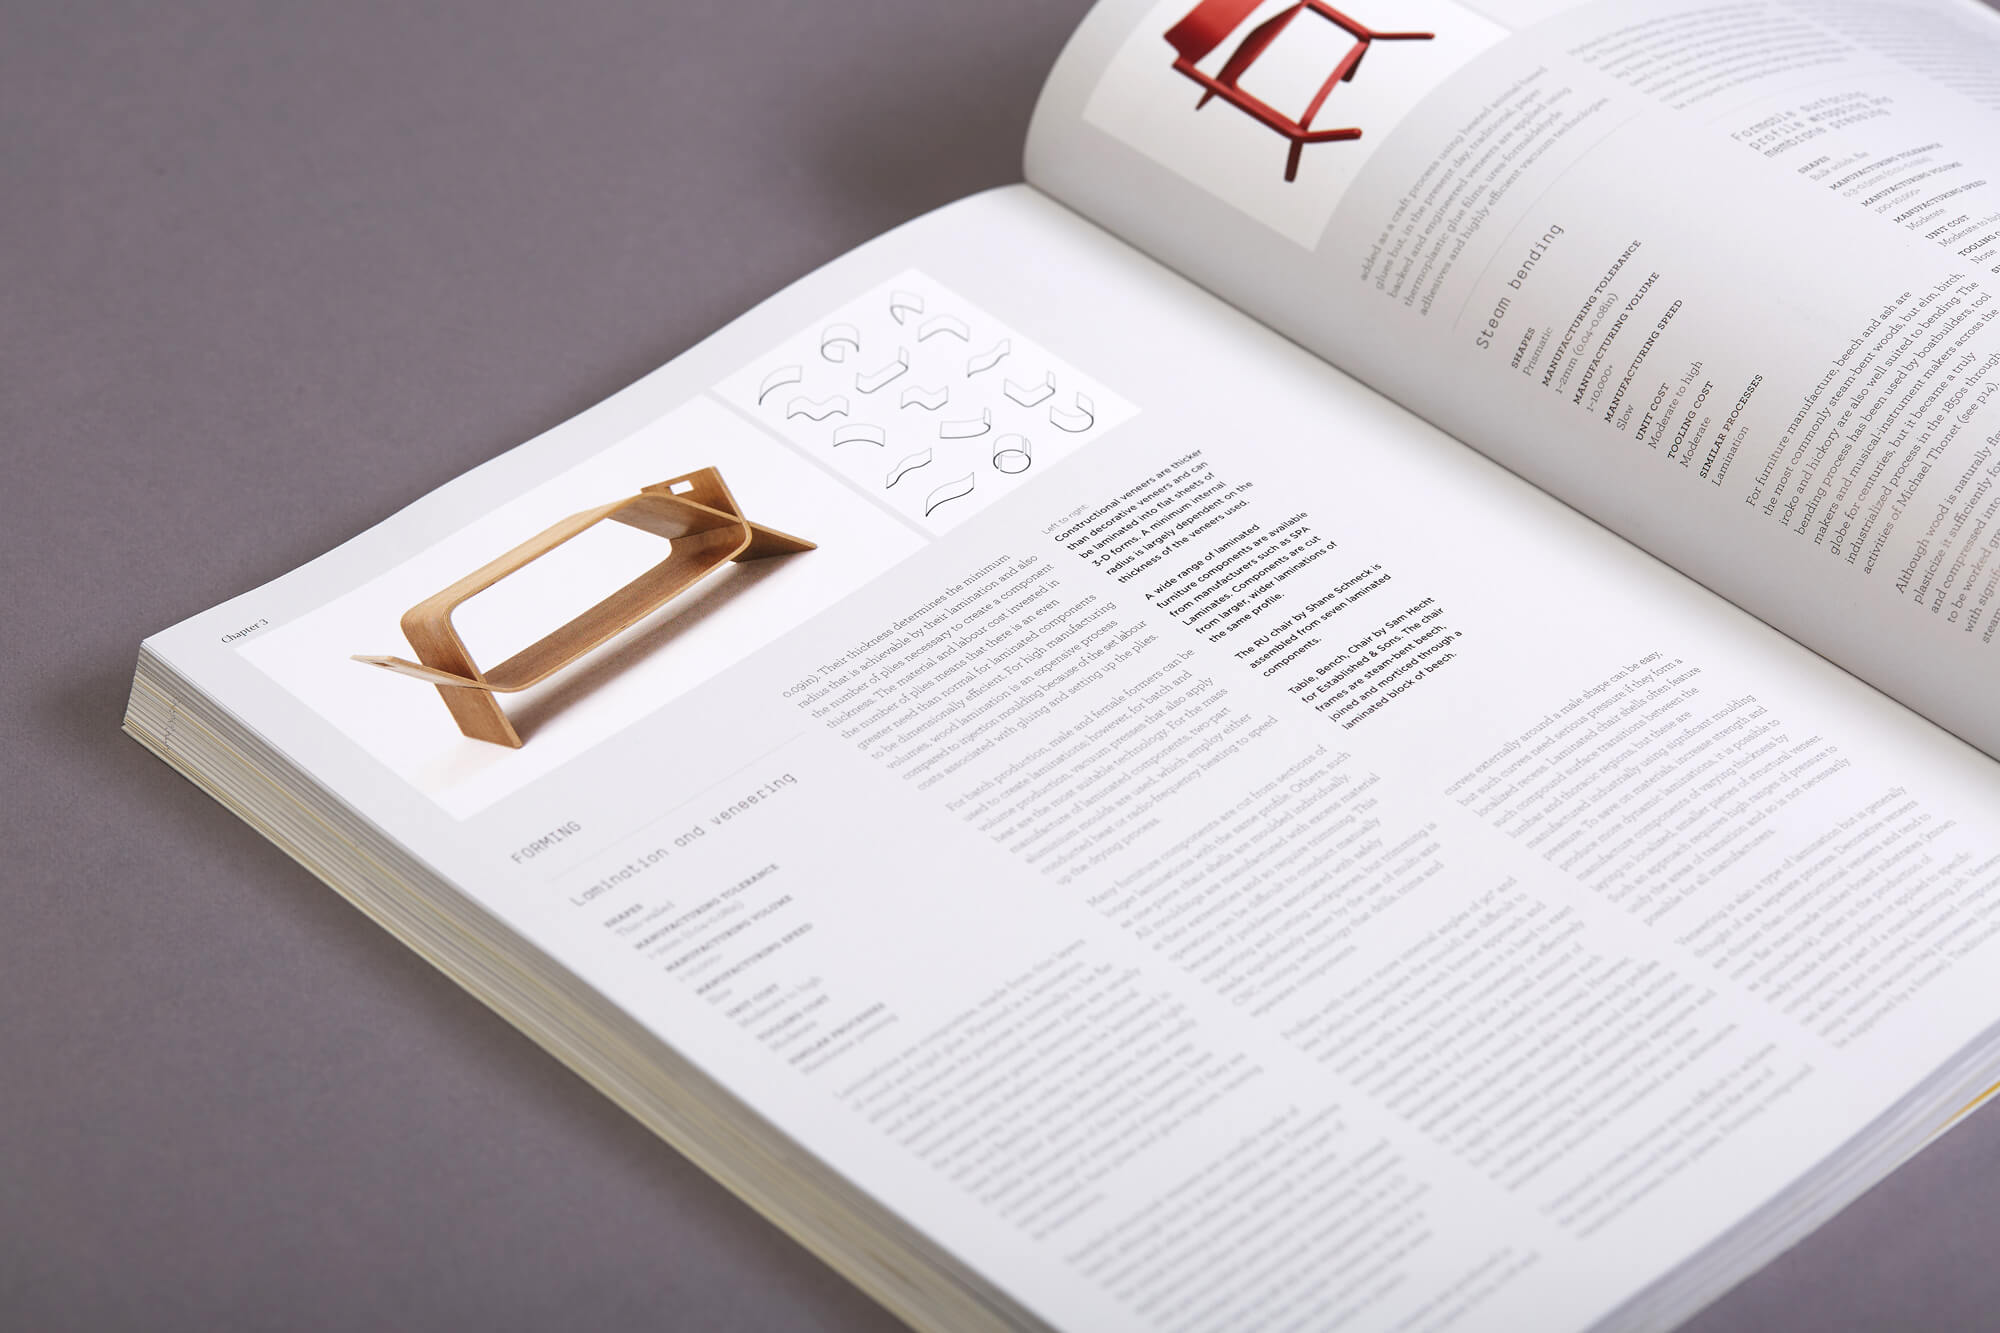 Furniture Design book - reference section - TwoSheds Design